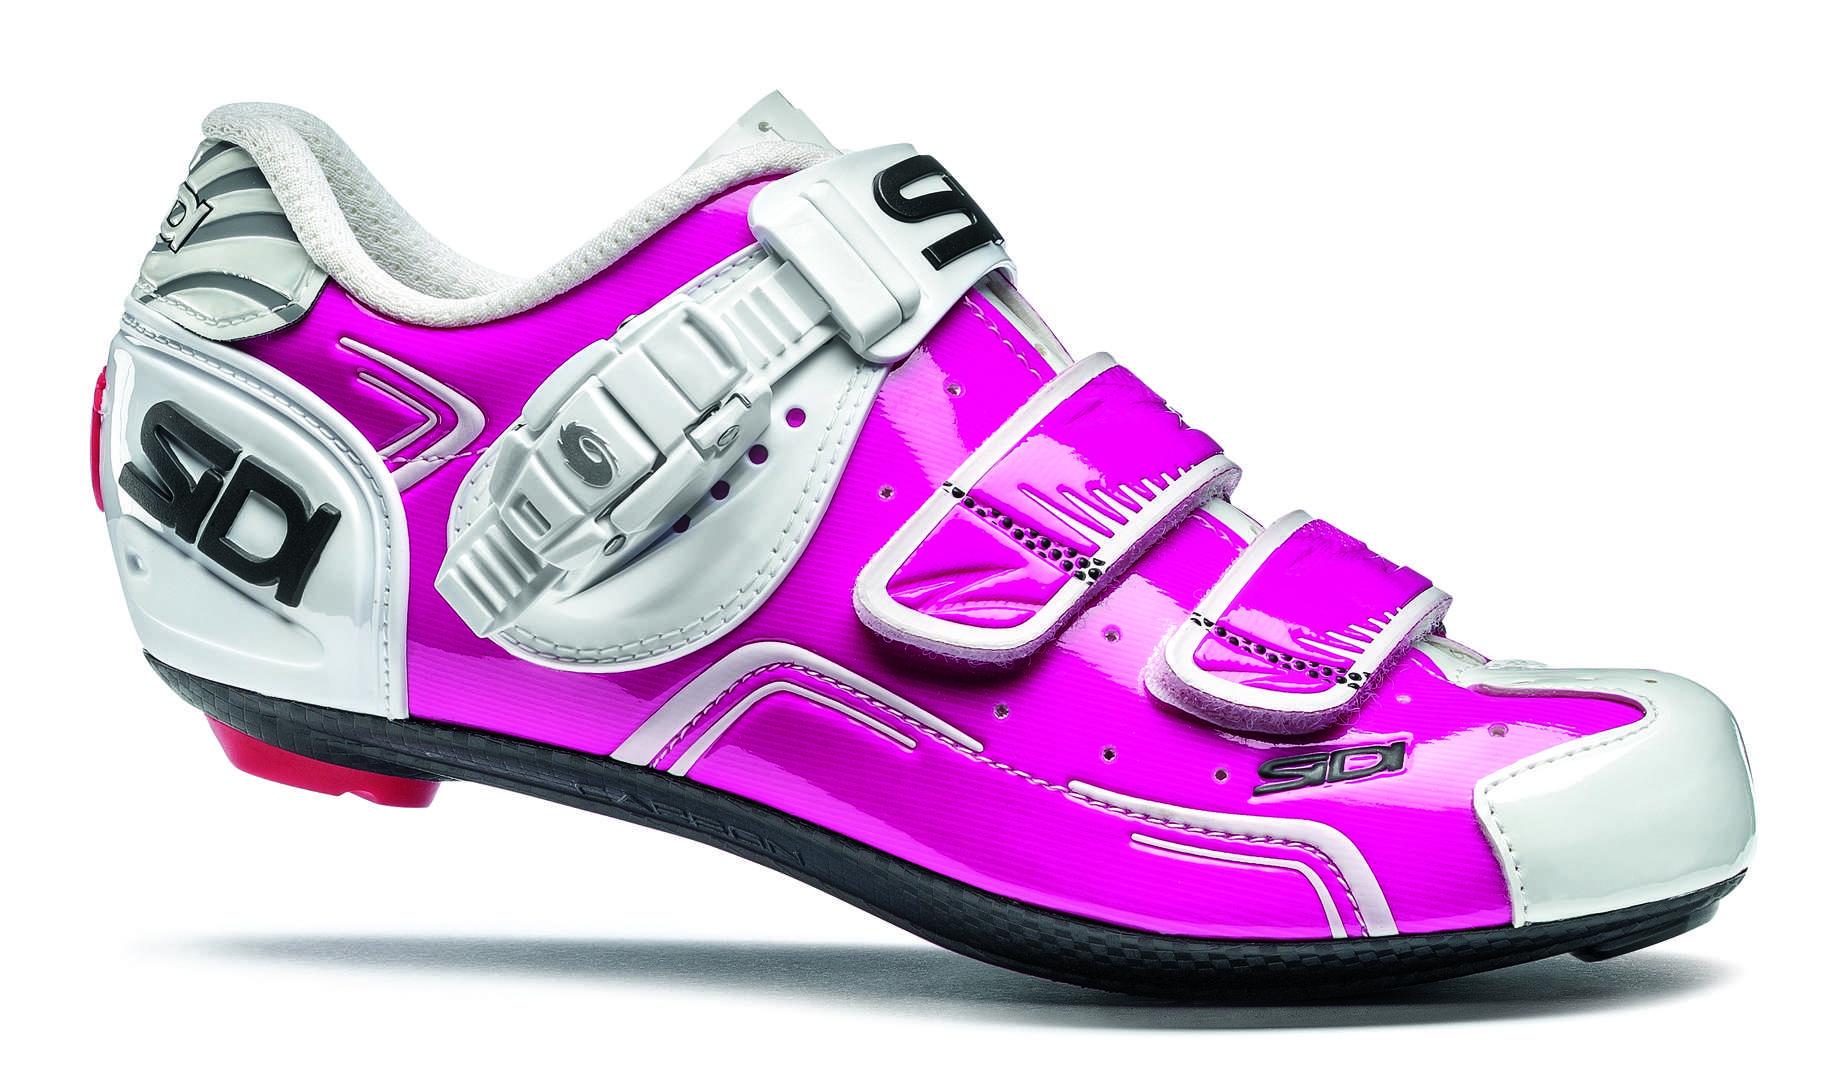 Rose Chaussures Sidi Avec Fermeture Velcro Pour Les Femmes G7vibZw